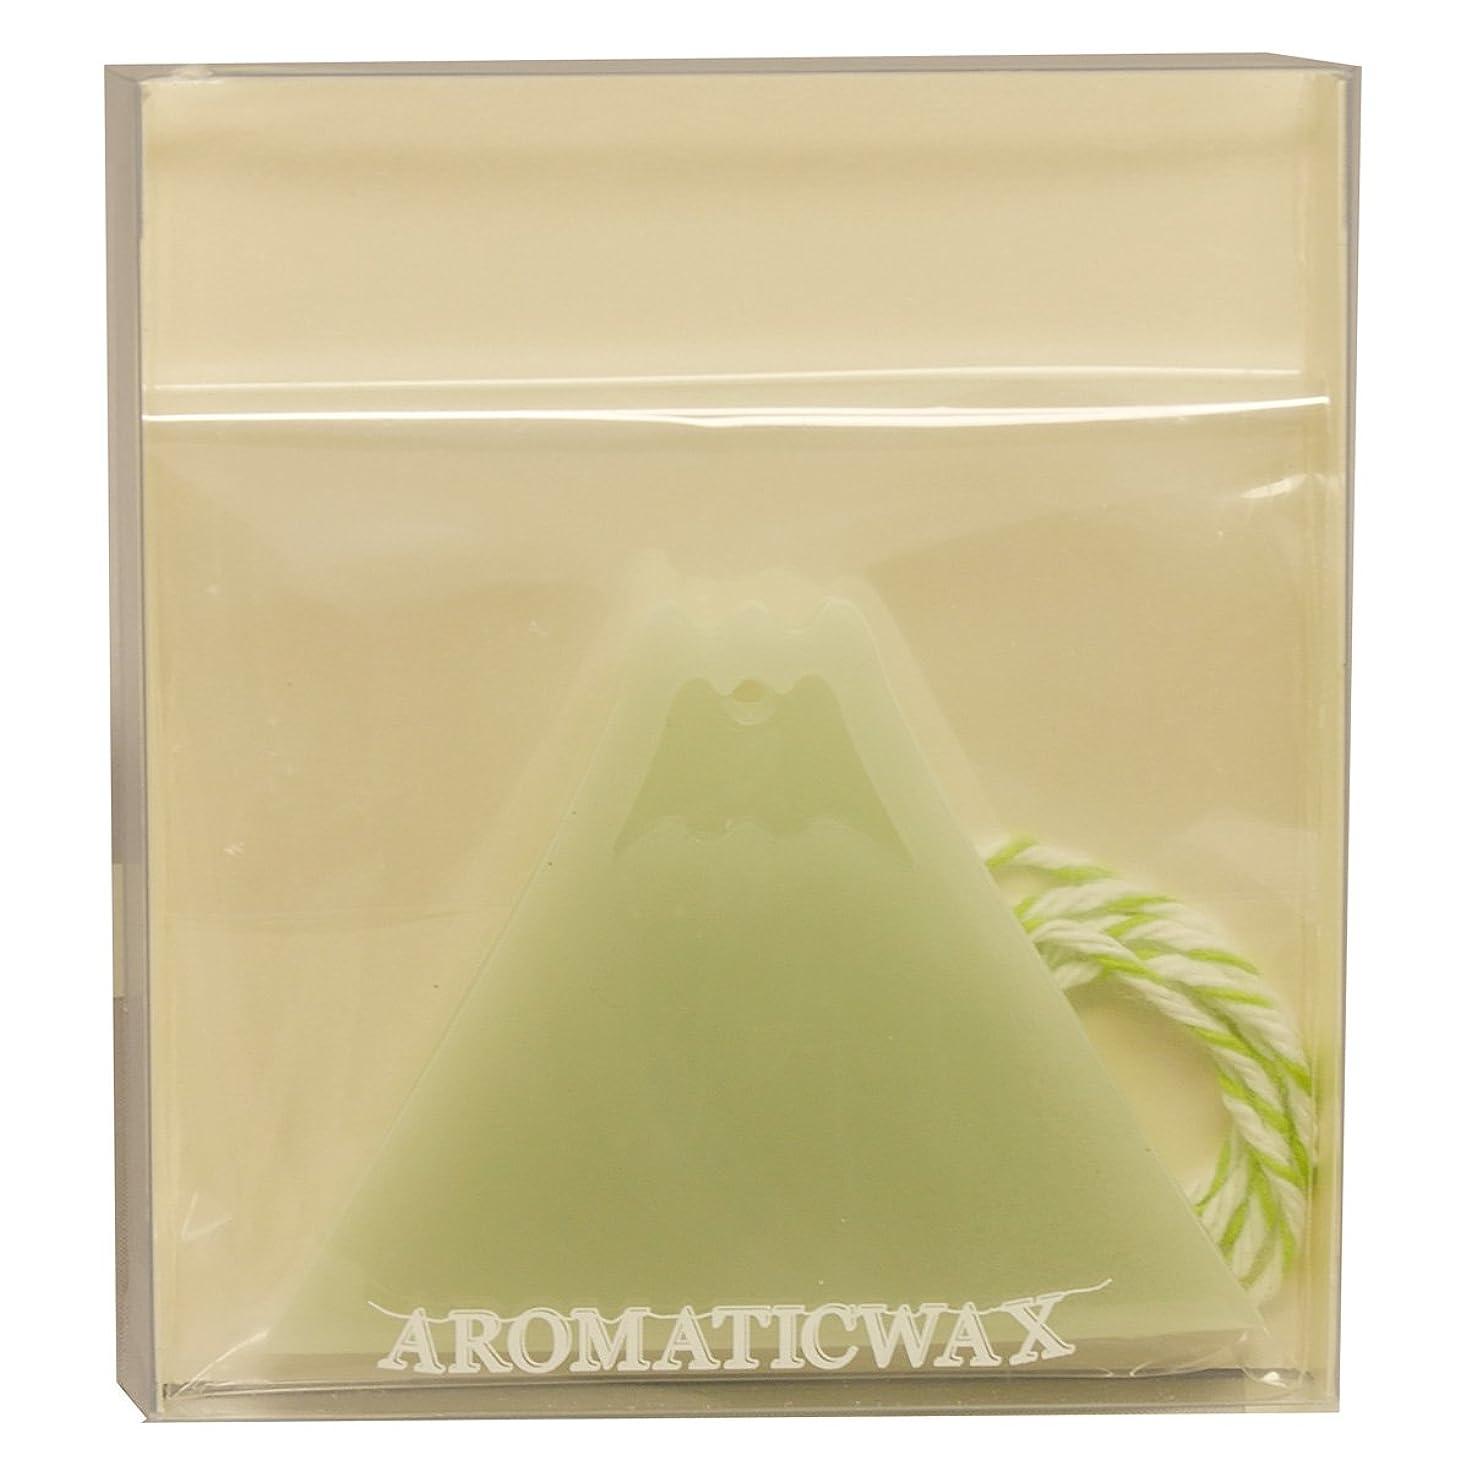 ヘルシースリップシューズ暴力GRASSE TOKYO AROMATICWAXチャーム「富士山」(GR) レモングラス アロマティックワックス グラーストウキョウ